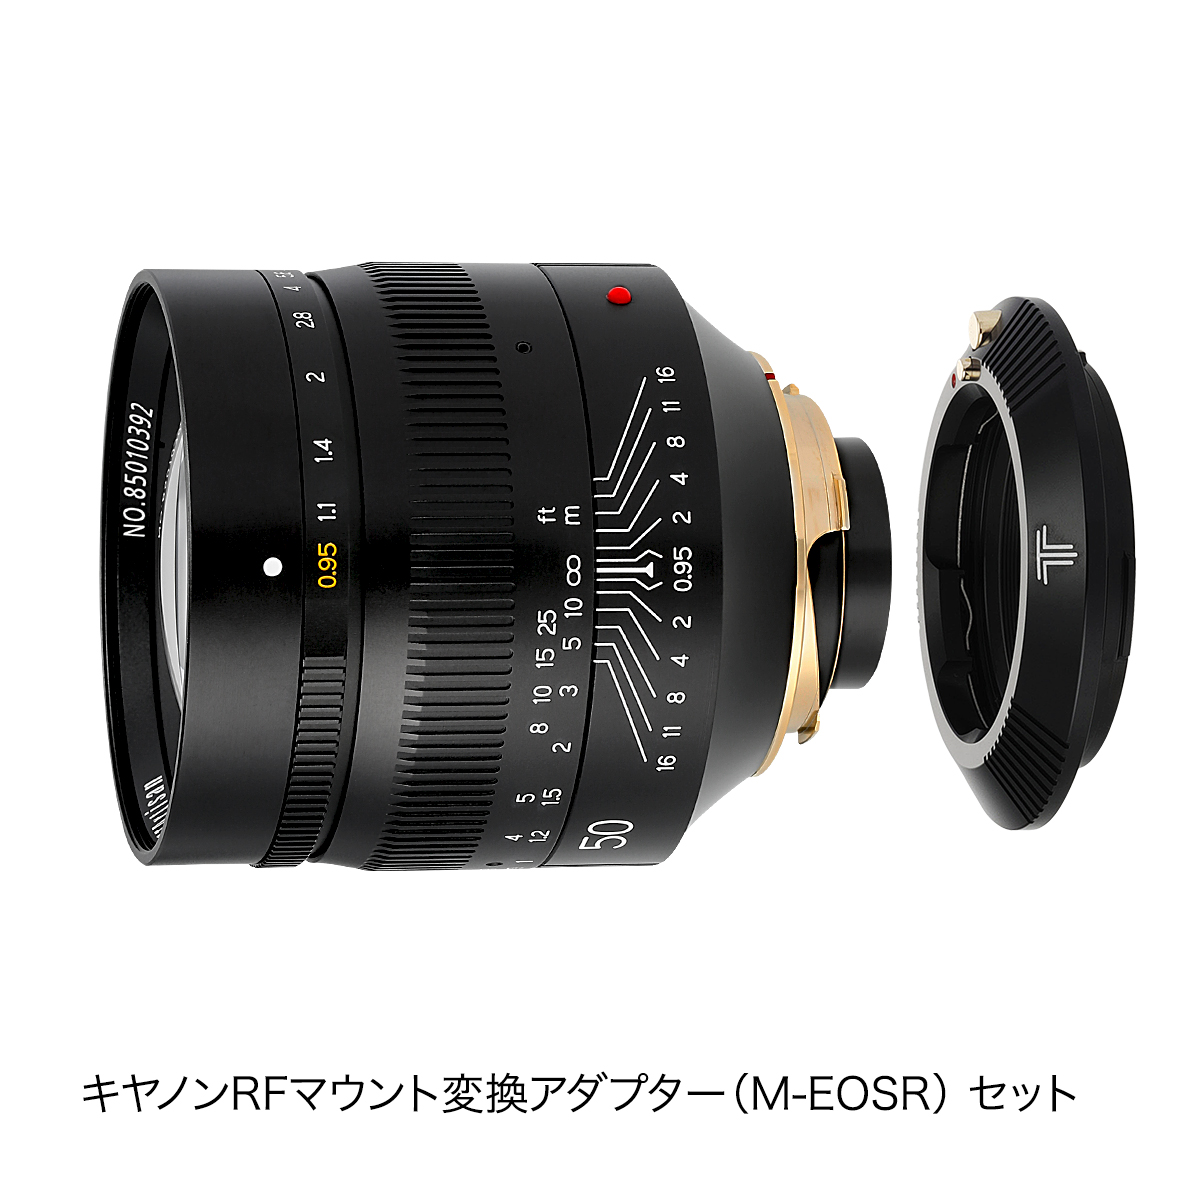 銘匠光学 TTArtisan 50mm f/0.95 ASPH ライカMマウント + マウントアダプター セット